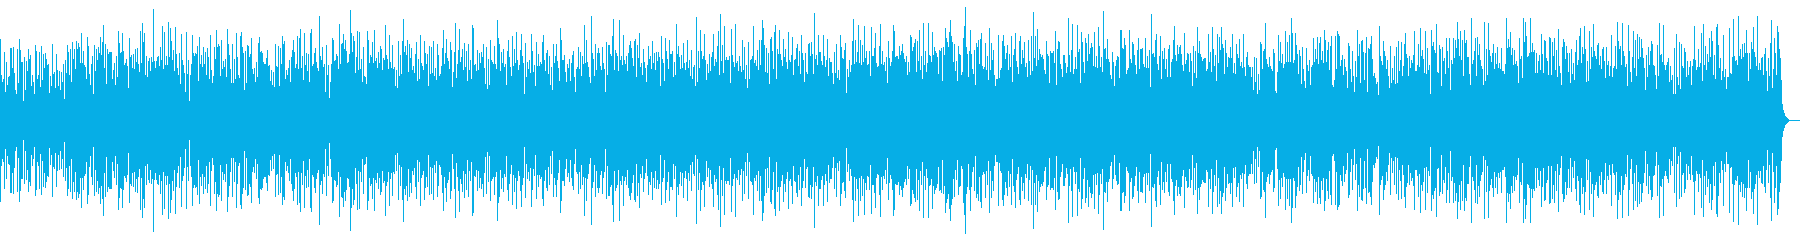 場の雰囲気を損なうことのないBGMの再生済みの波形